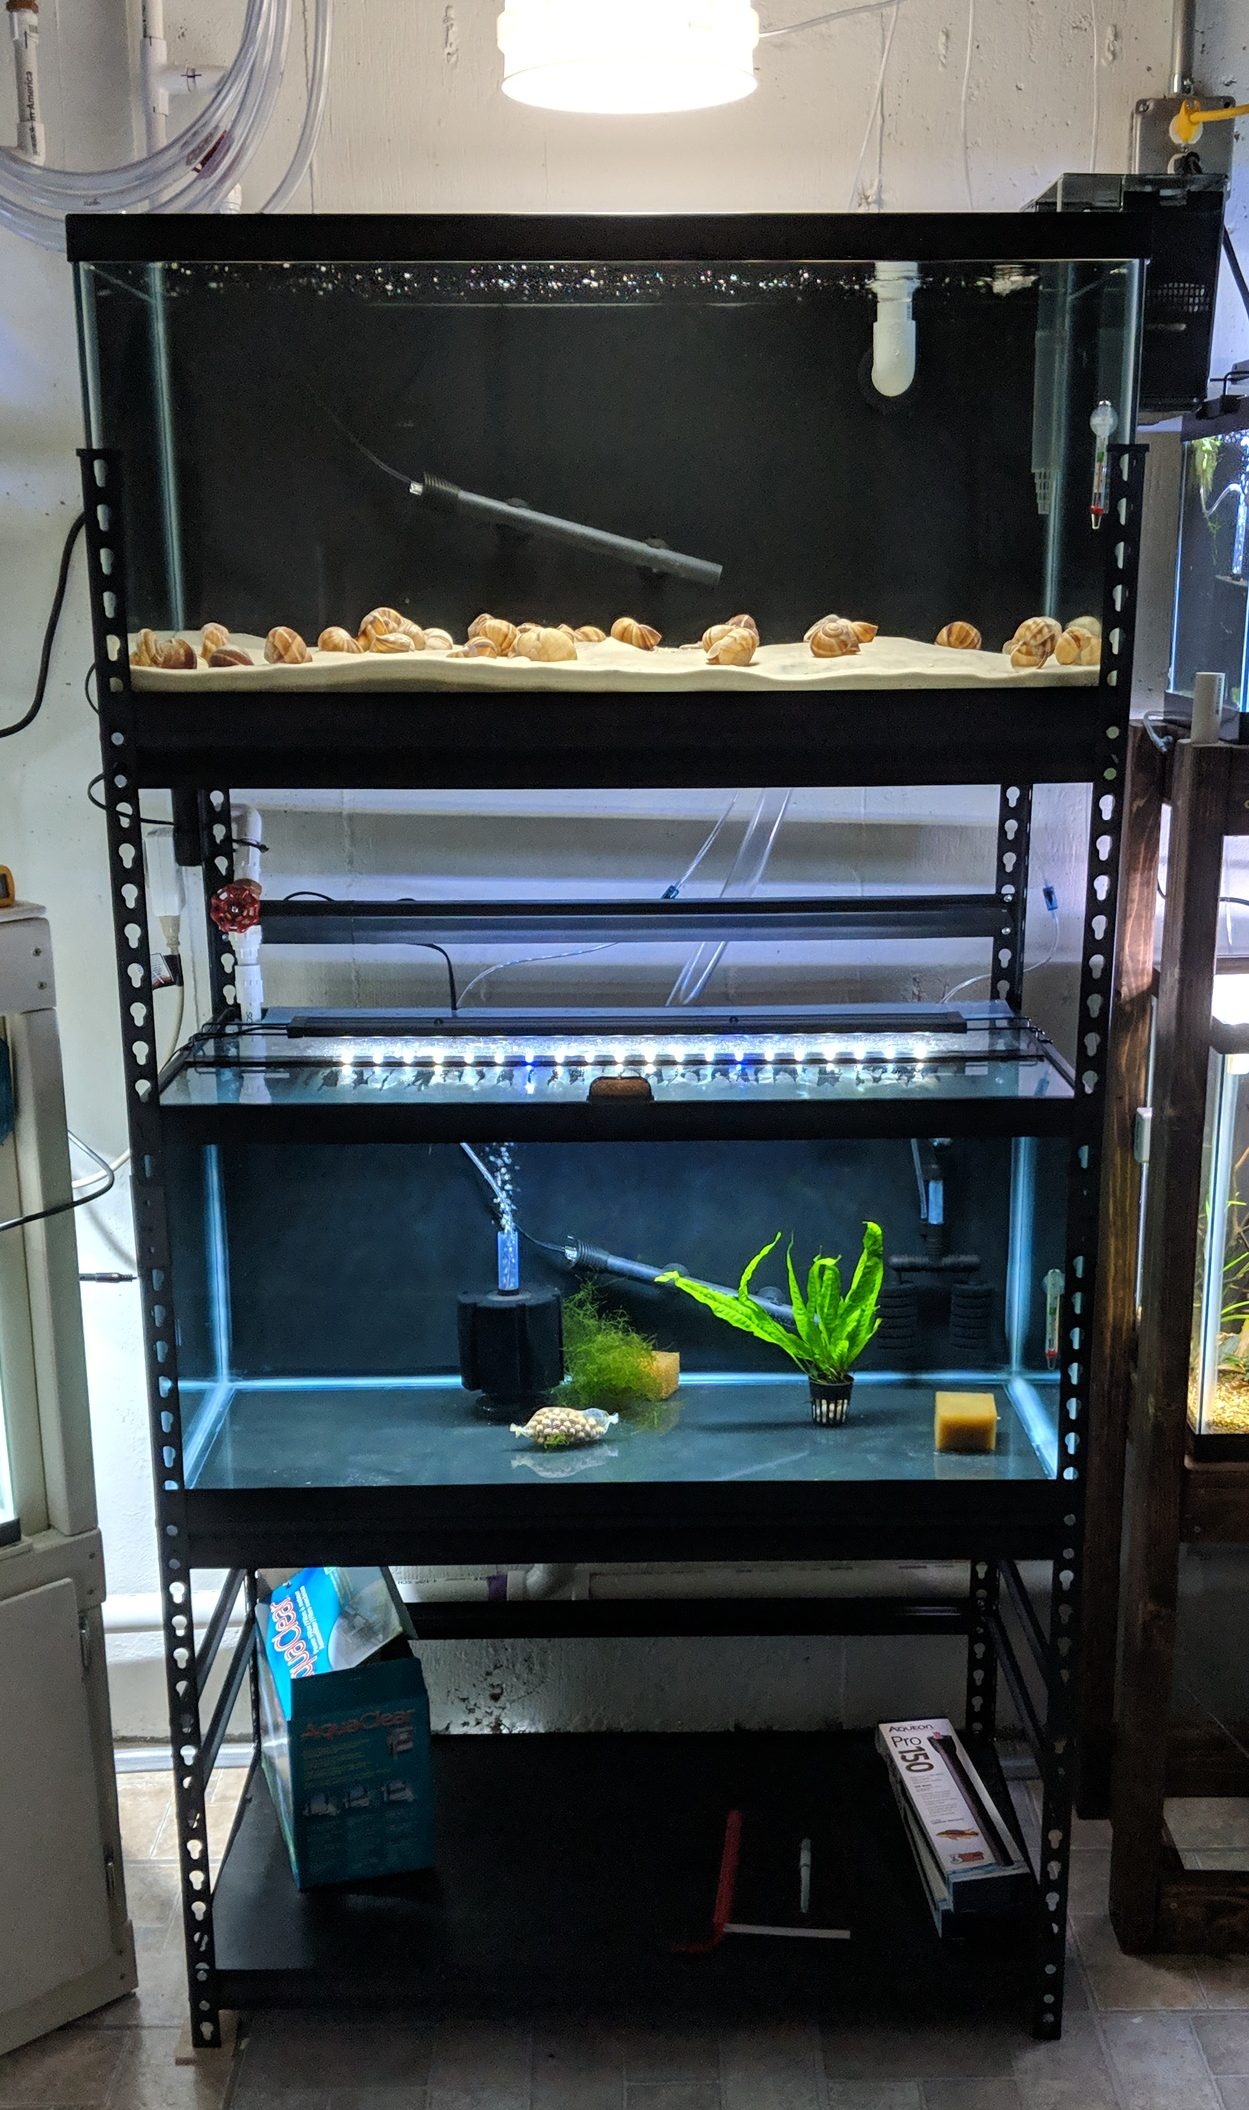 Aquarium Rack For Two 40 Gallon